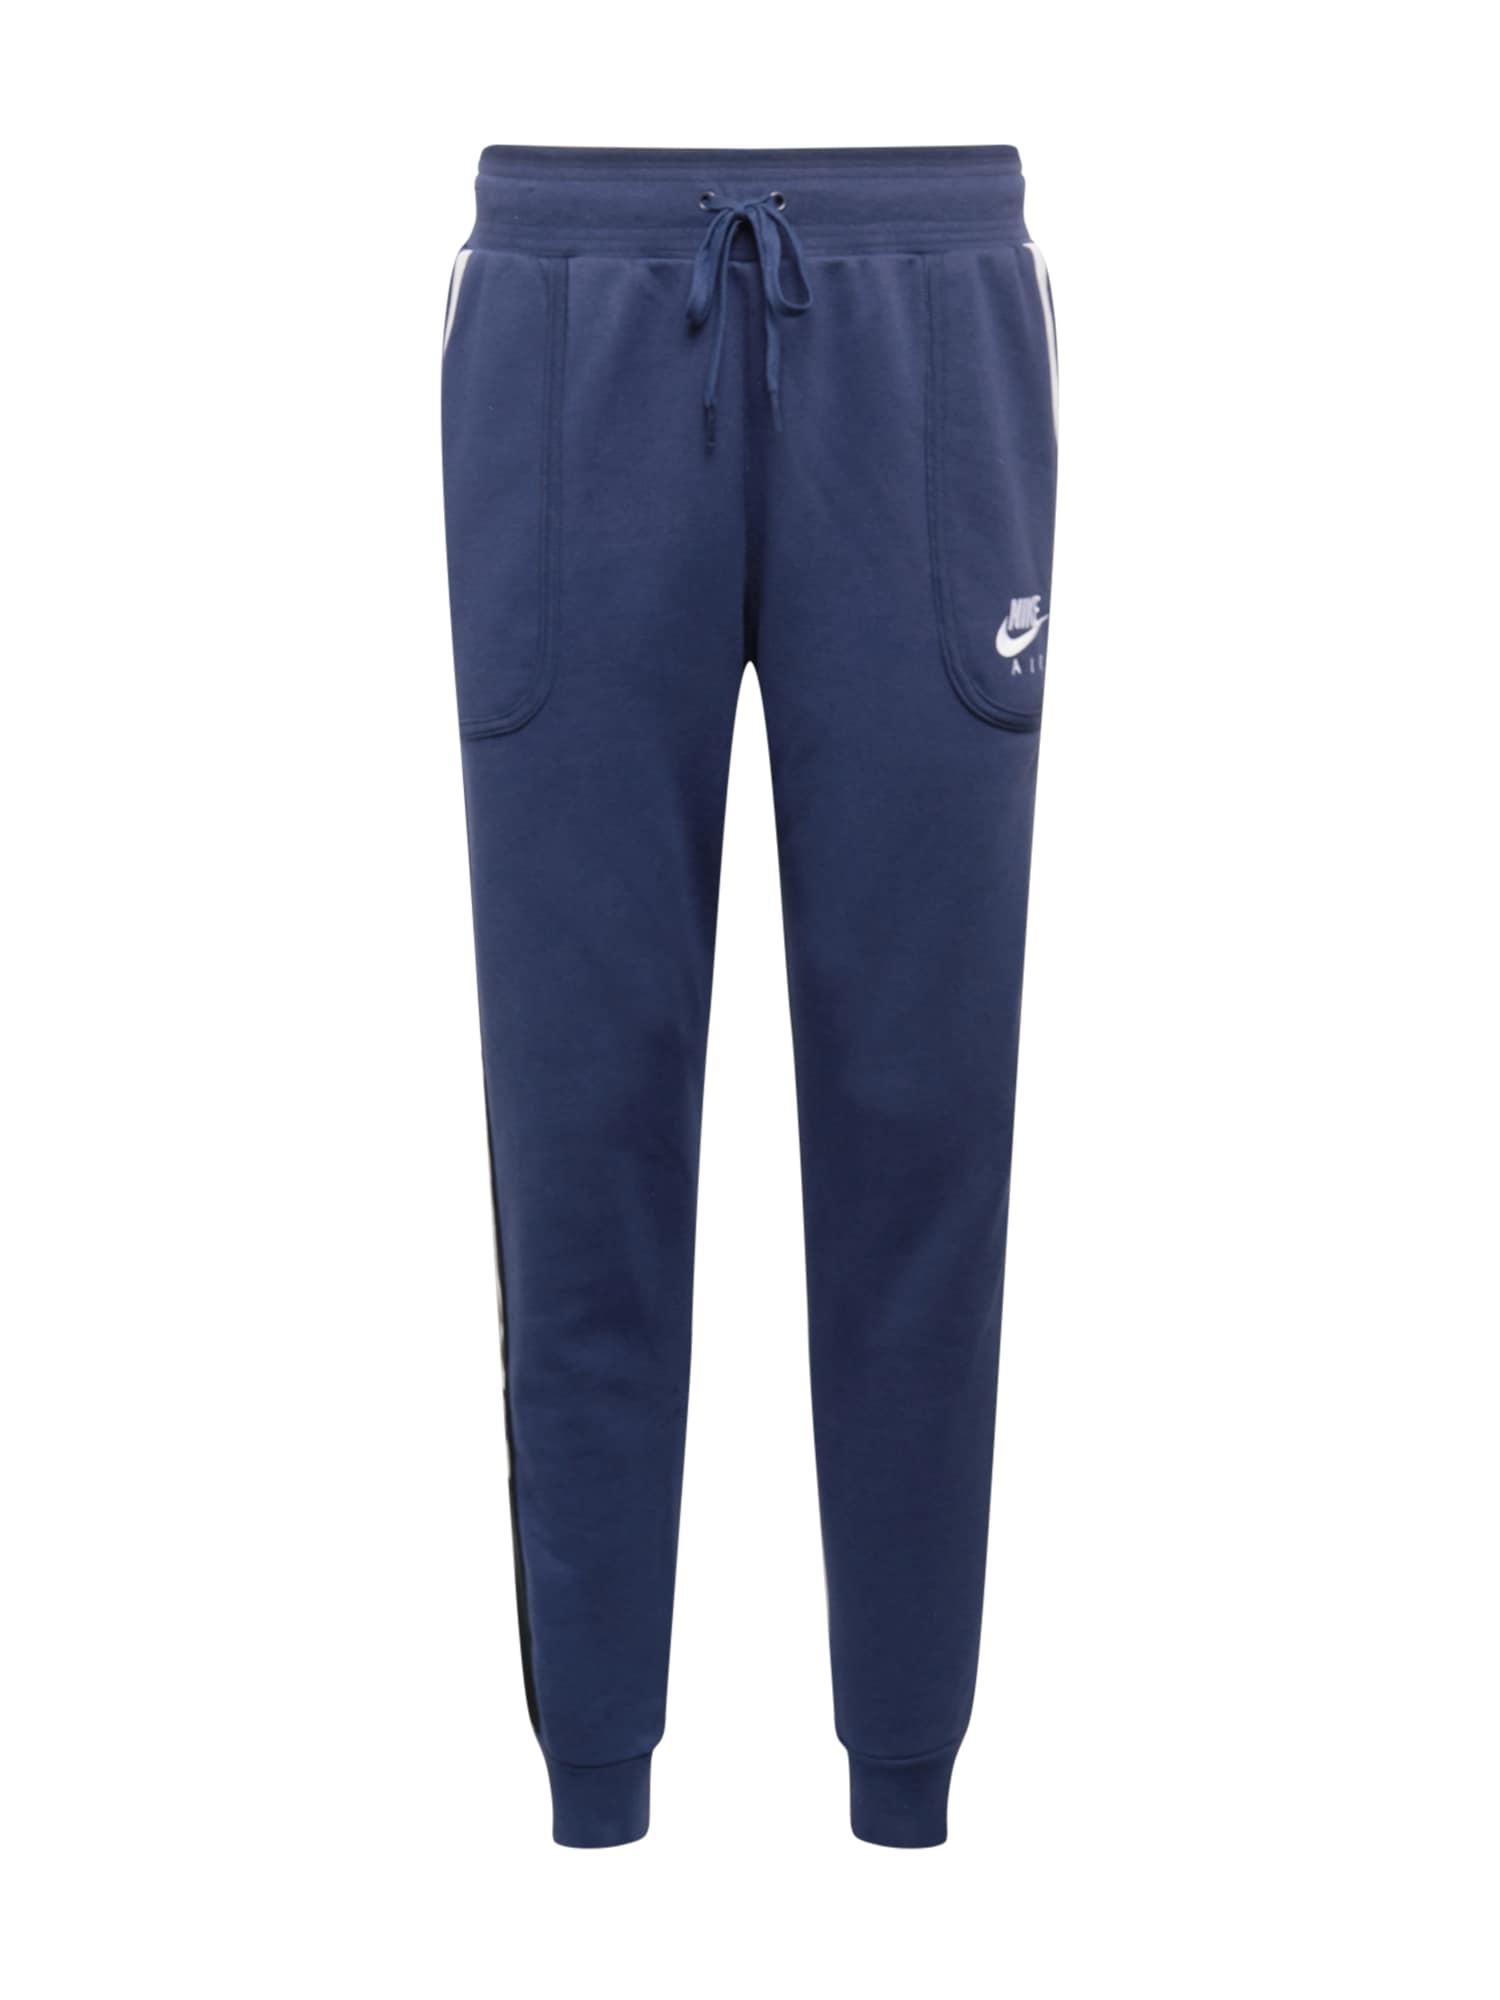 Nike Sportswear Kelnės tamsiai mėlyna / juoda / balta